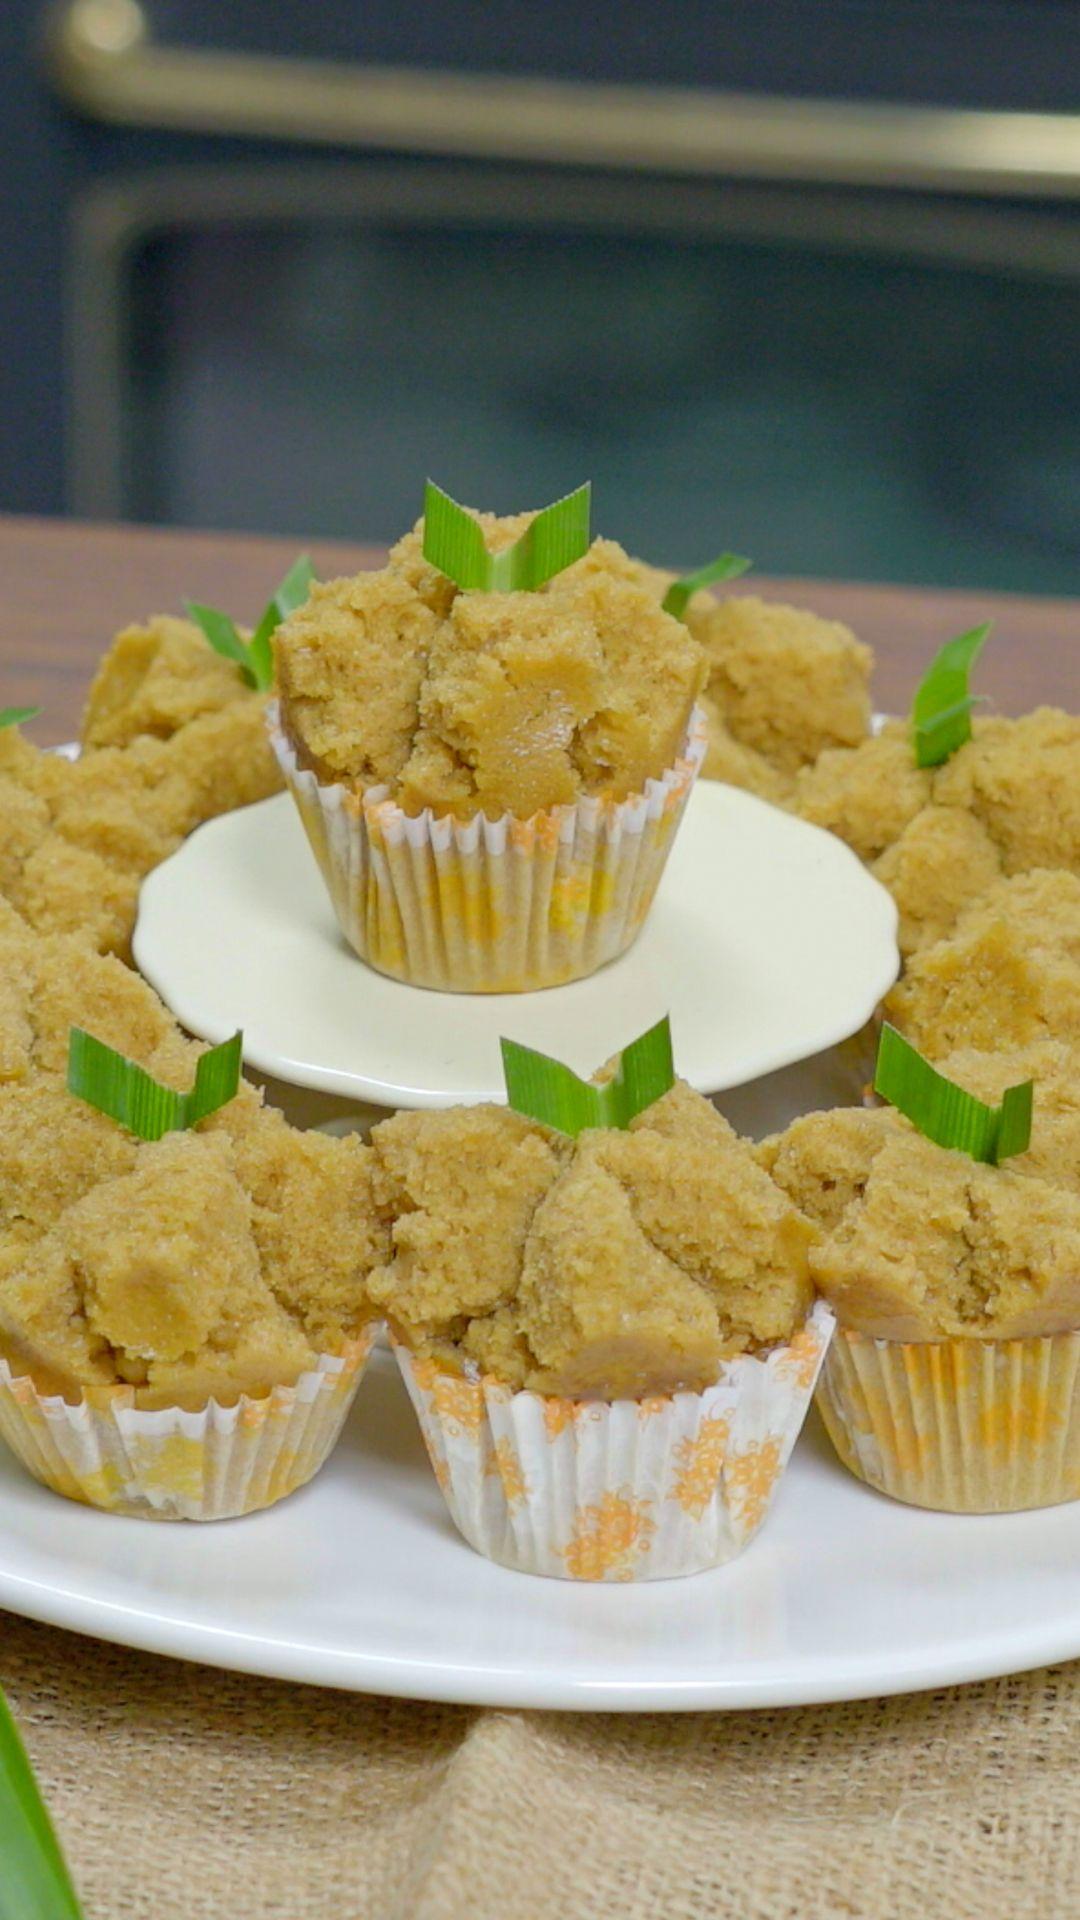 Video Bolu Gula Merah Makanan Kue Lezat Ide Makanan